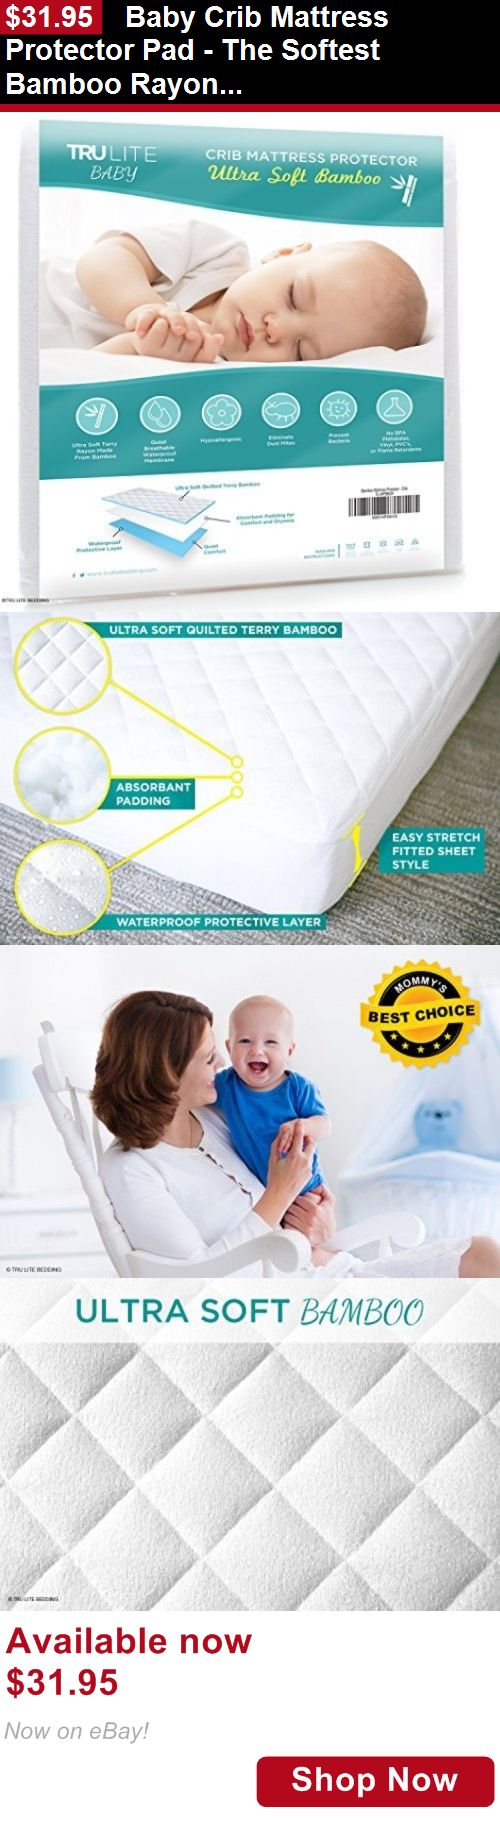 Best baby crib mattress pad - Mattress Pads And Covers Baby Crib Mattress Protector Pad The Softest Bamboo Rayon Fiber